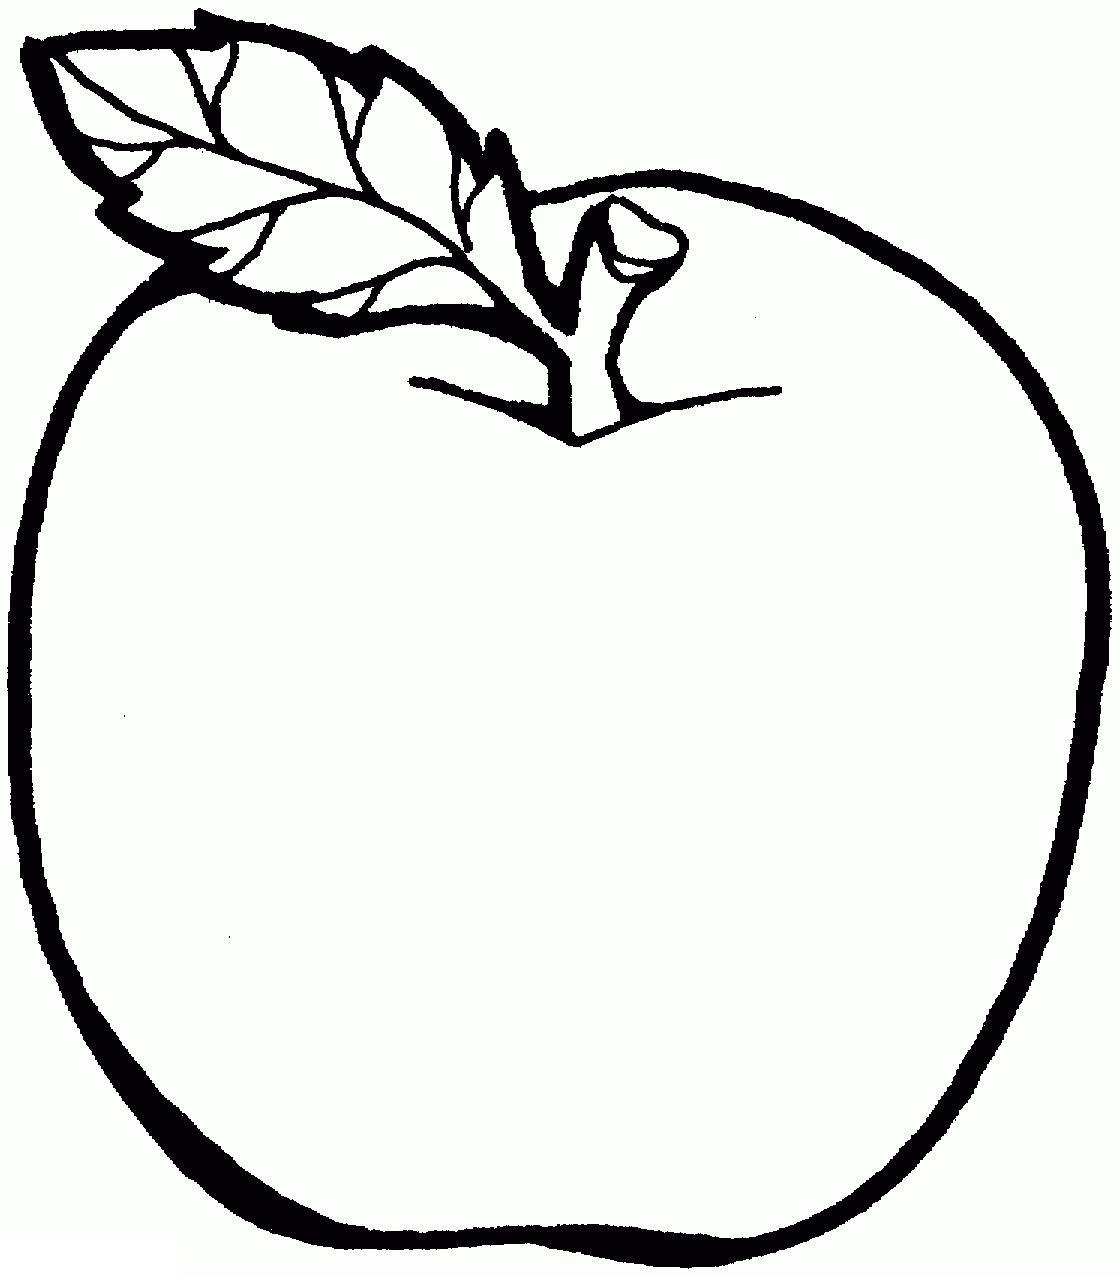 Раскраски фрукты  детские раскраски, раскраски яблок, фрукты